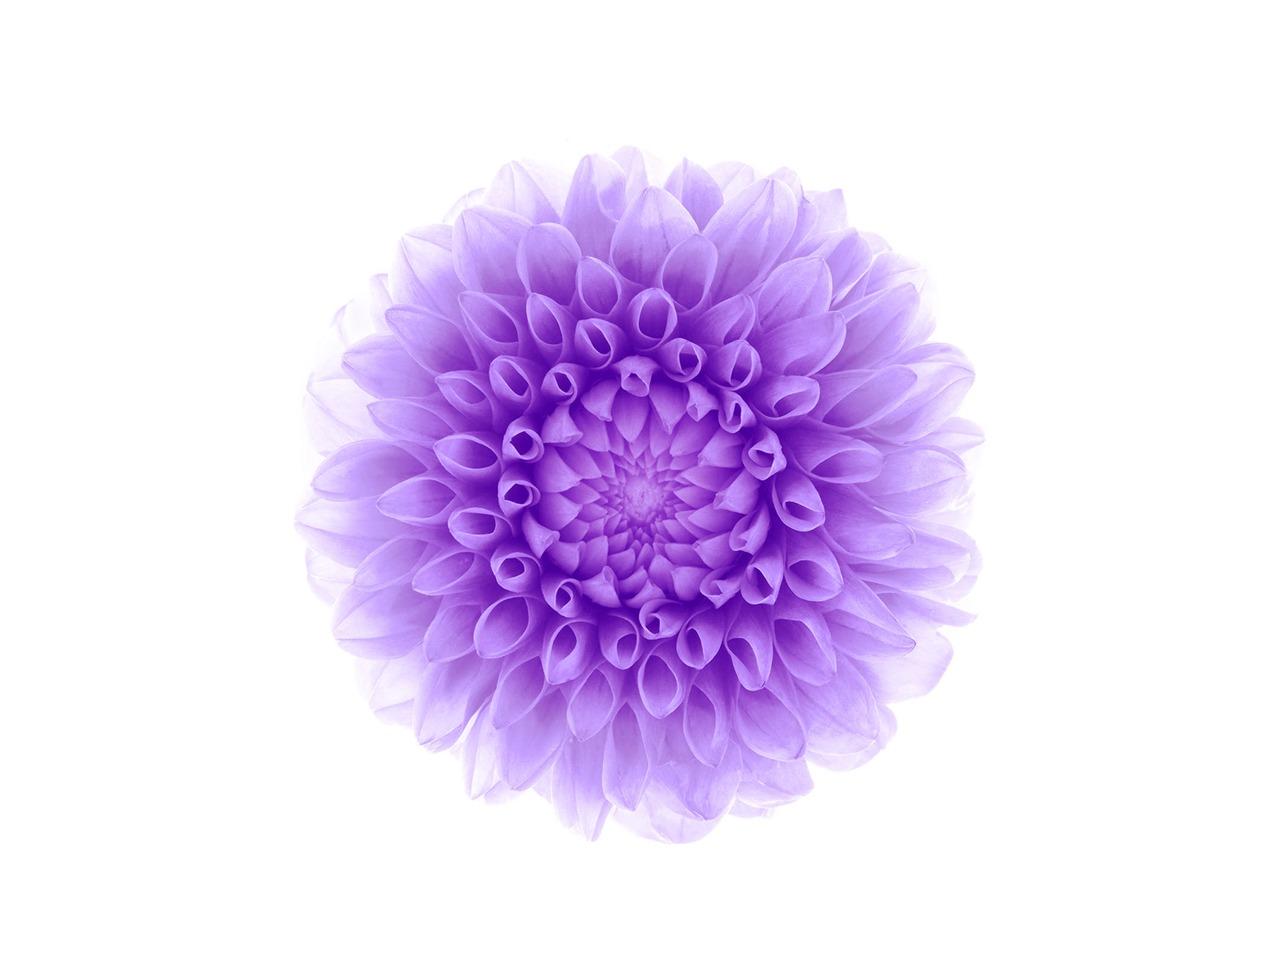 紫色の花-Apple IOS8 IPhone6 Plus HDの壁紙プレビュー